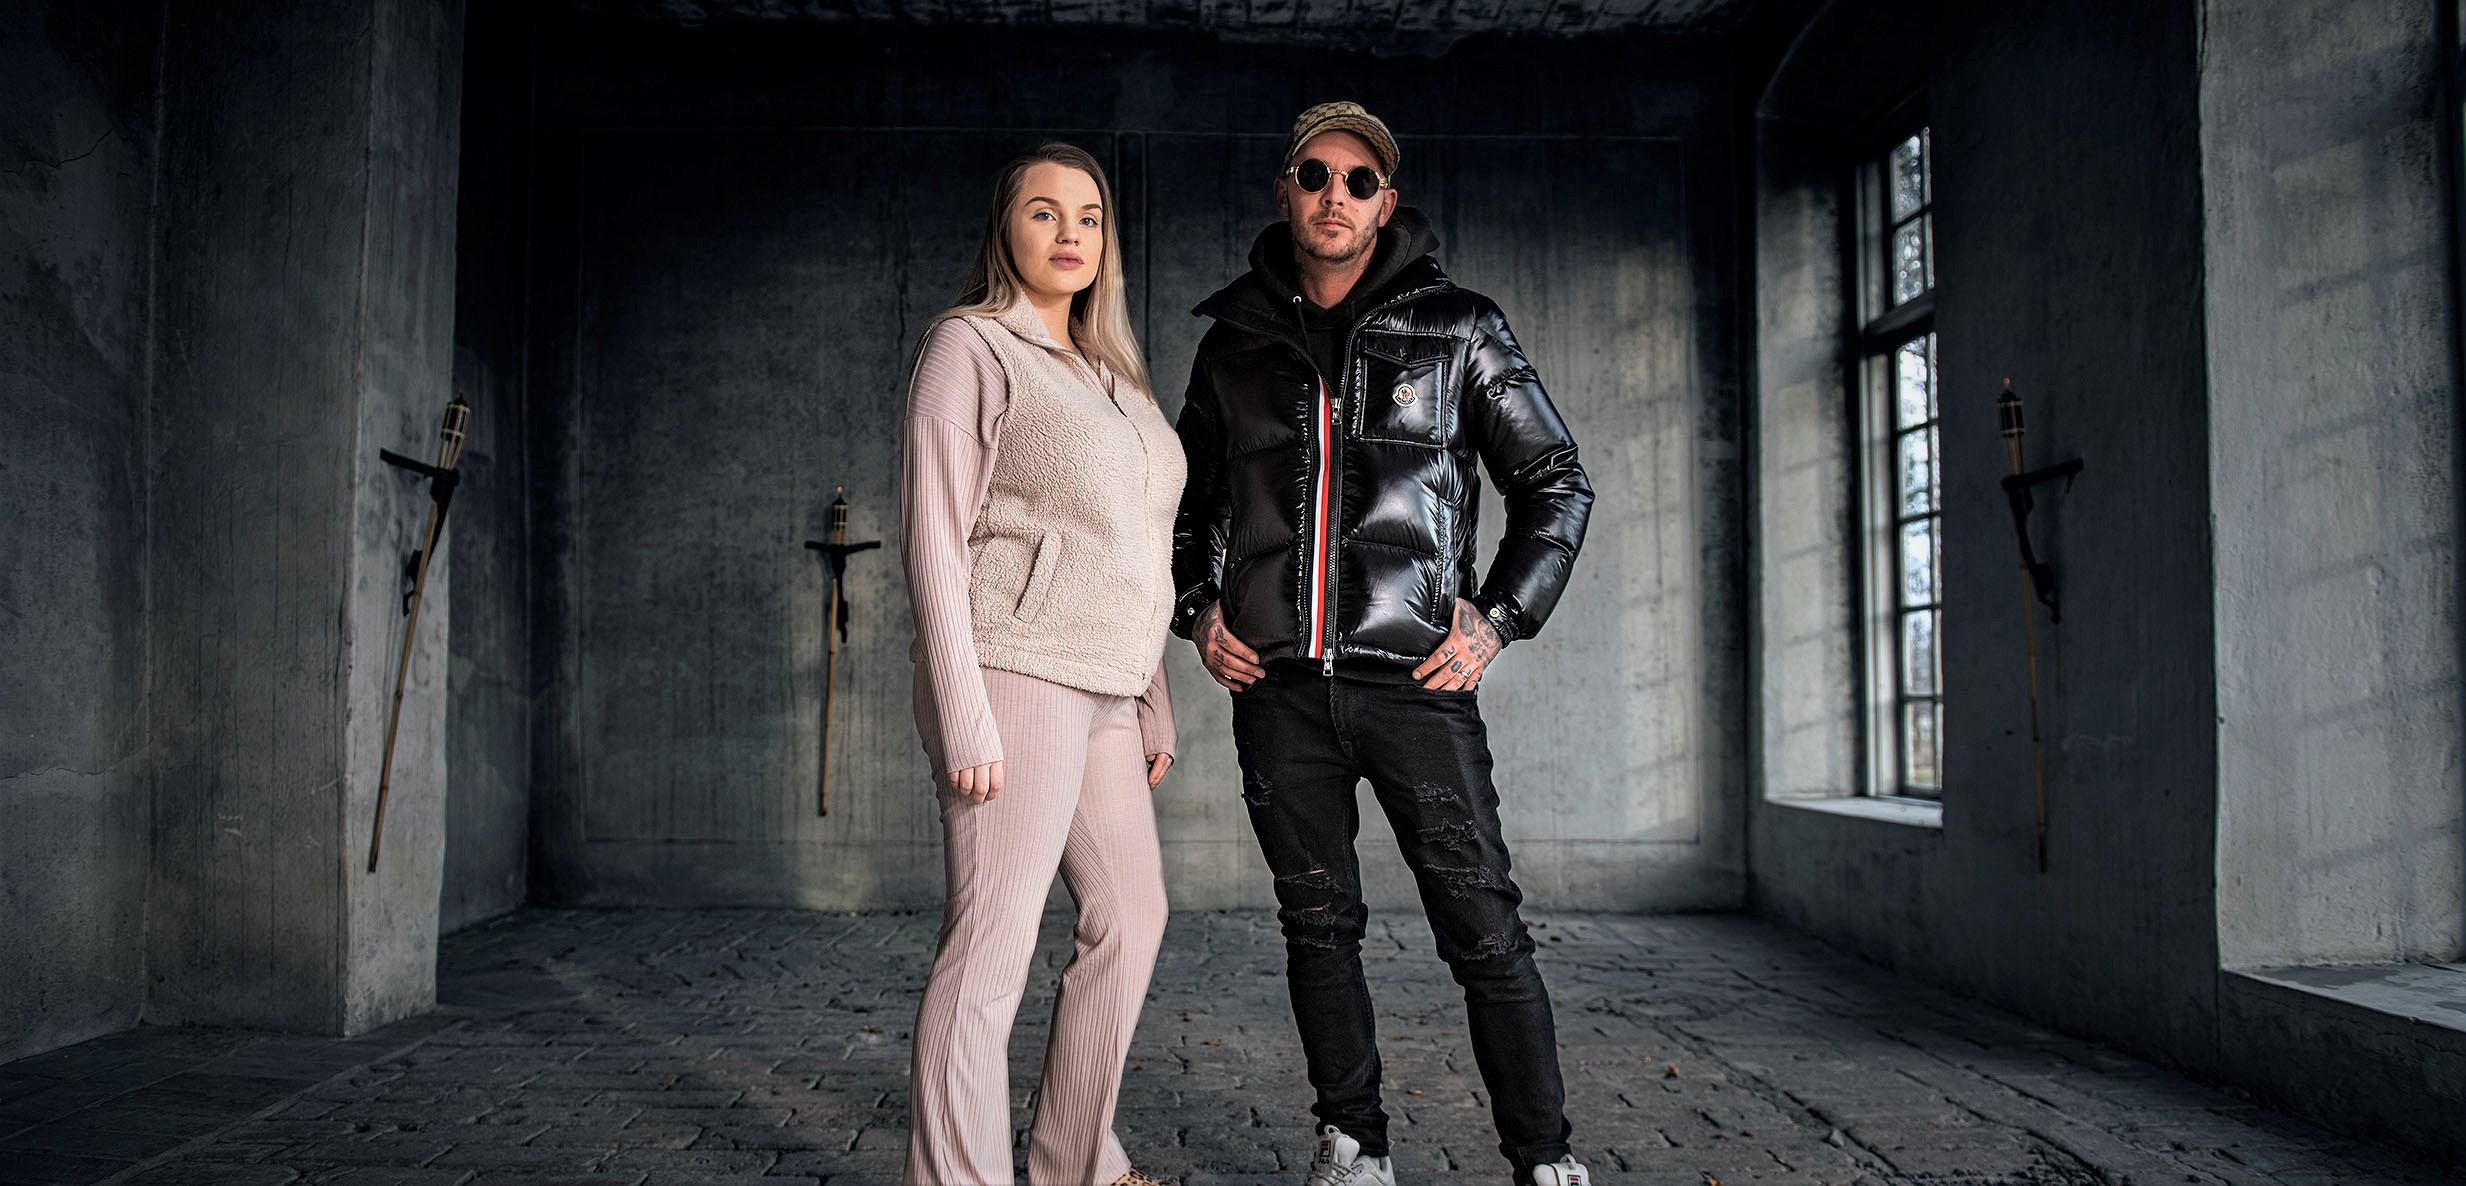 Jocke och Jonna - Sveriges största influencers